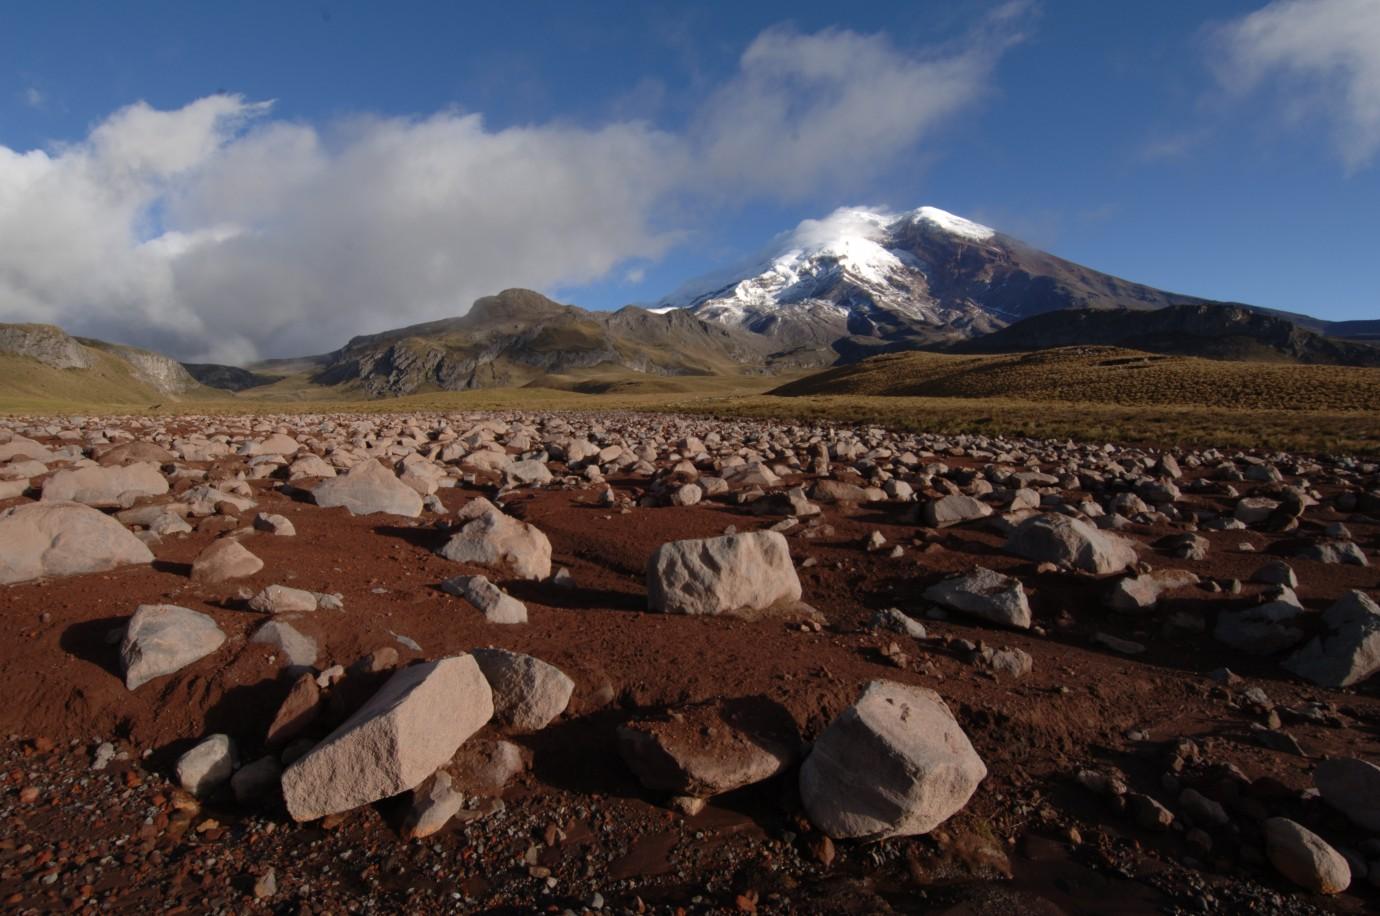 Ecuador Volcano Climbing Holiday - KE Adventure Travel